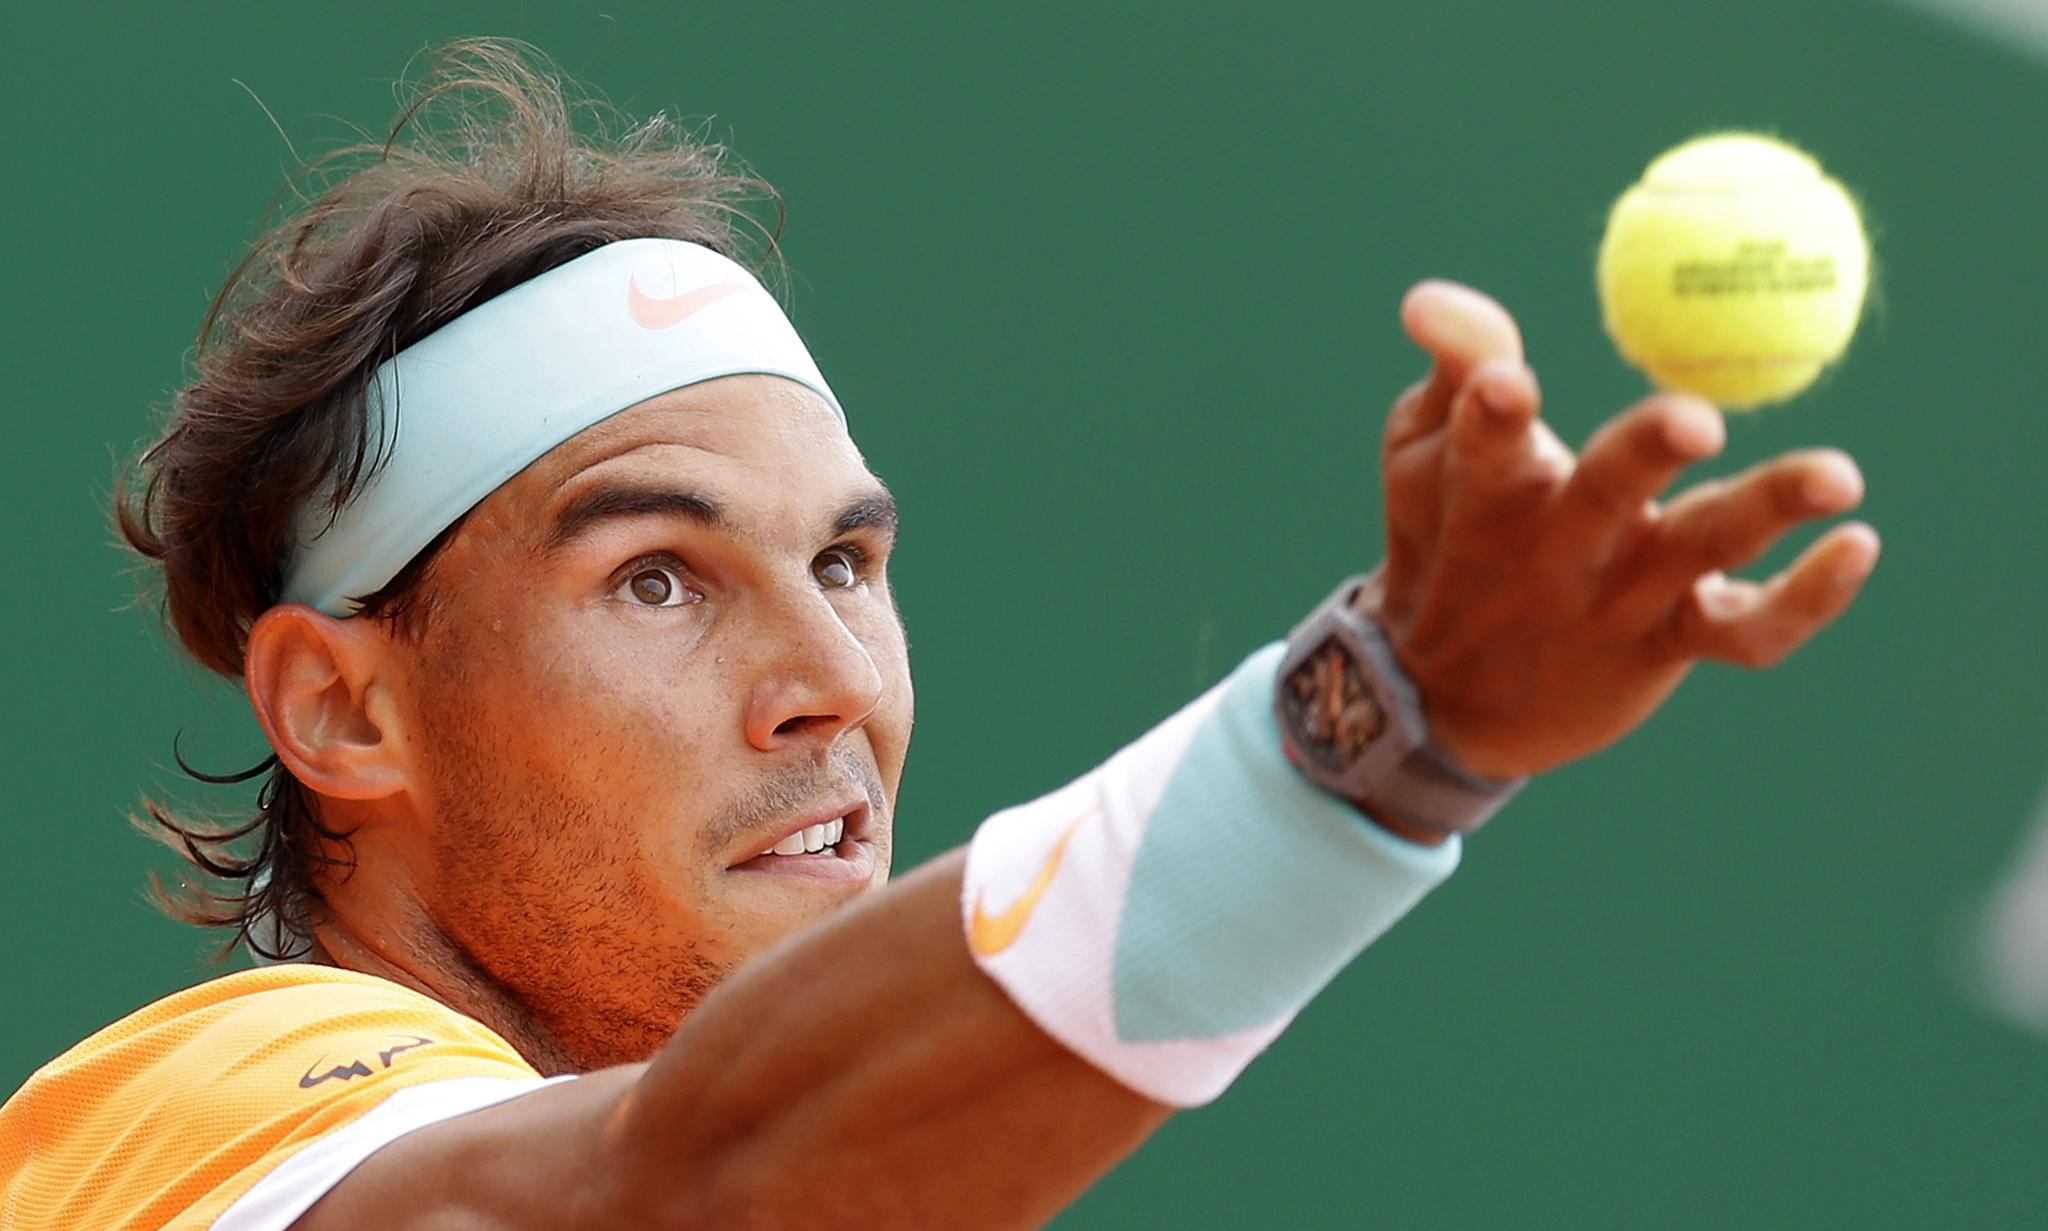 Rafael Nadal Believes He Can Win More Grand Slams